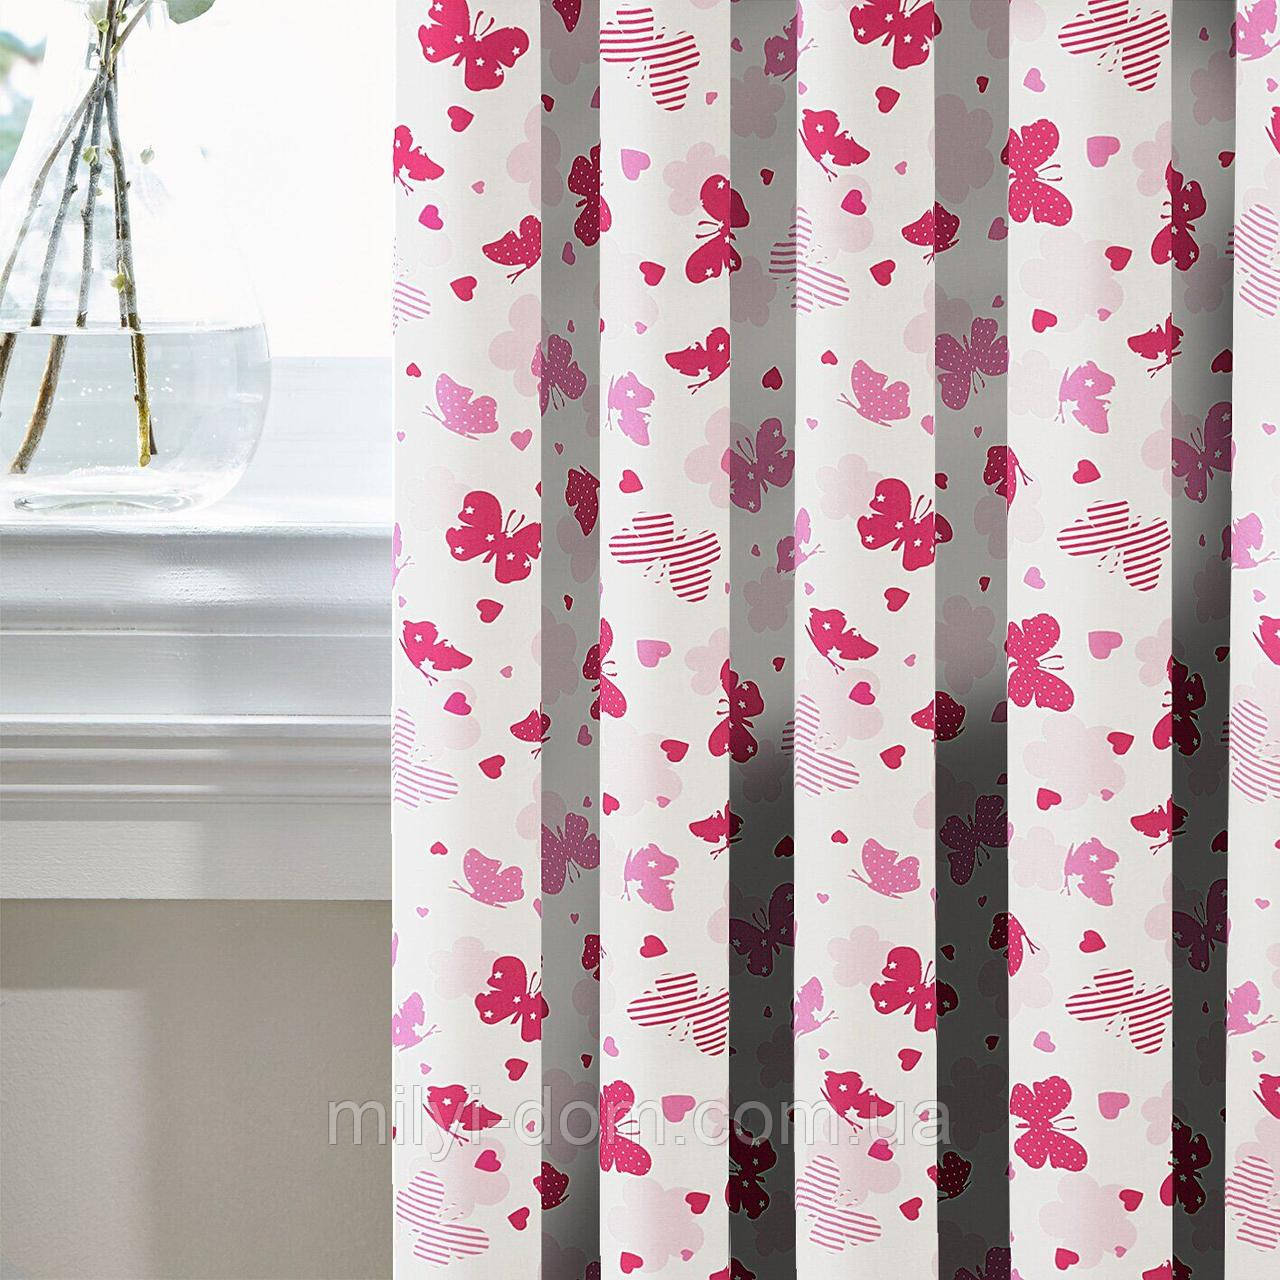 Штори в Дитячу кімнату MacroHorizon Рожеві Метелики (MG-DET-160968), 270*135 см